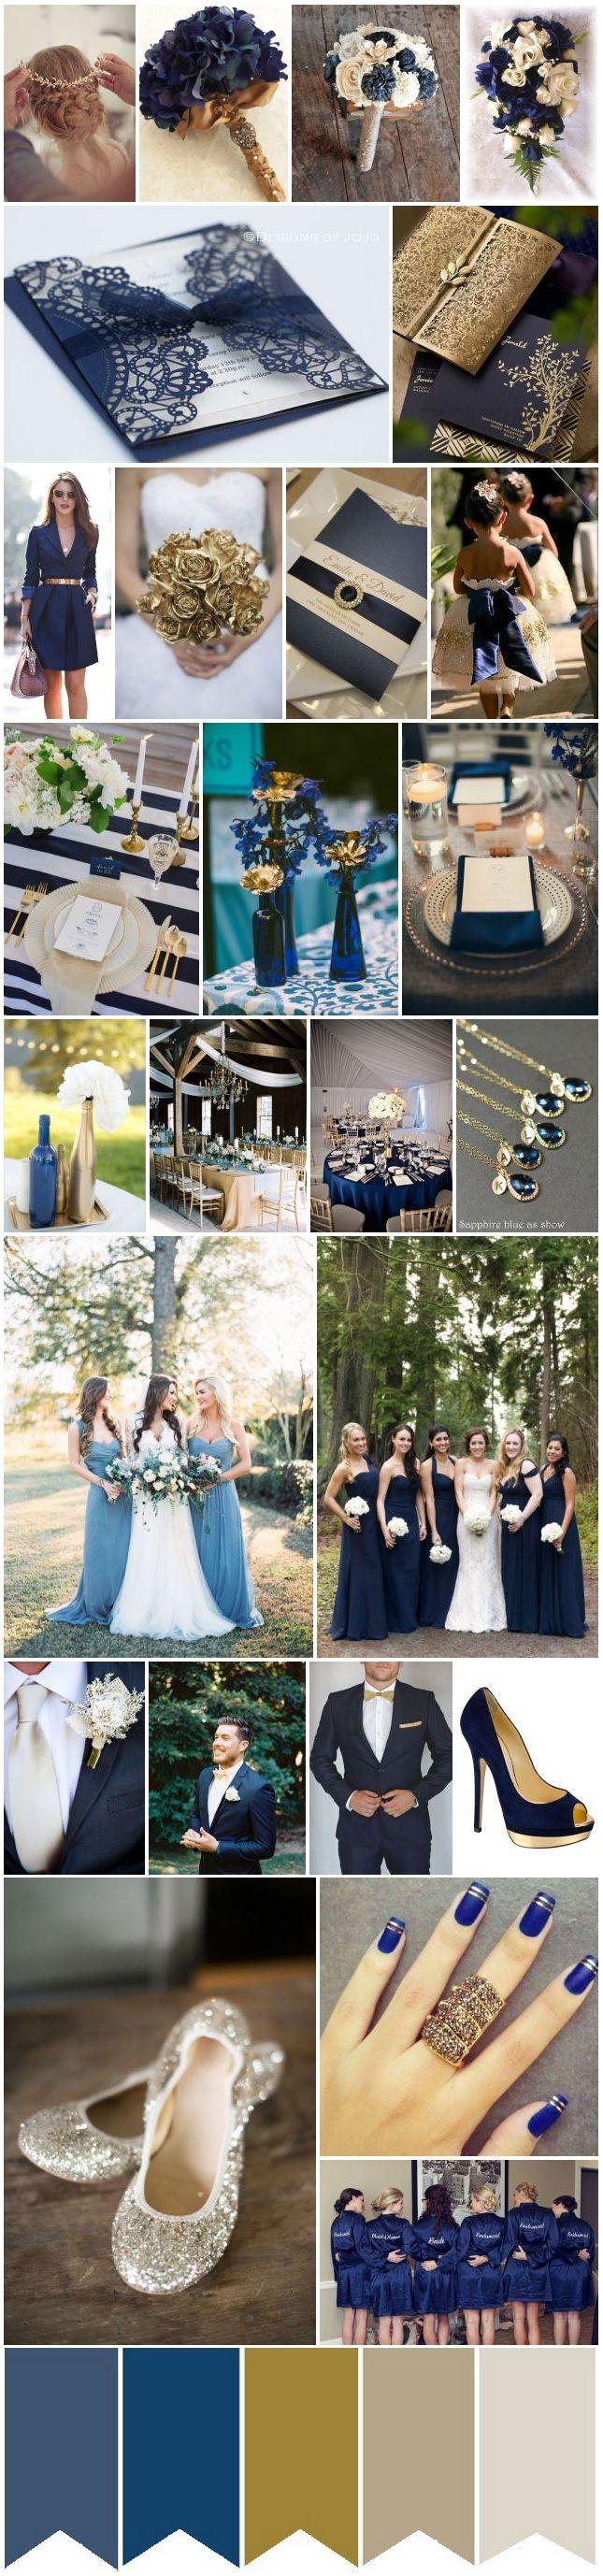 Blue and black wedding decor  Azul Dourado e OffWhite  Dj Wedding and Weddings